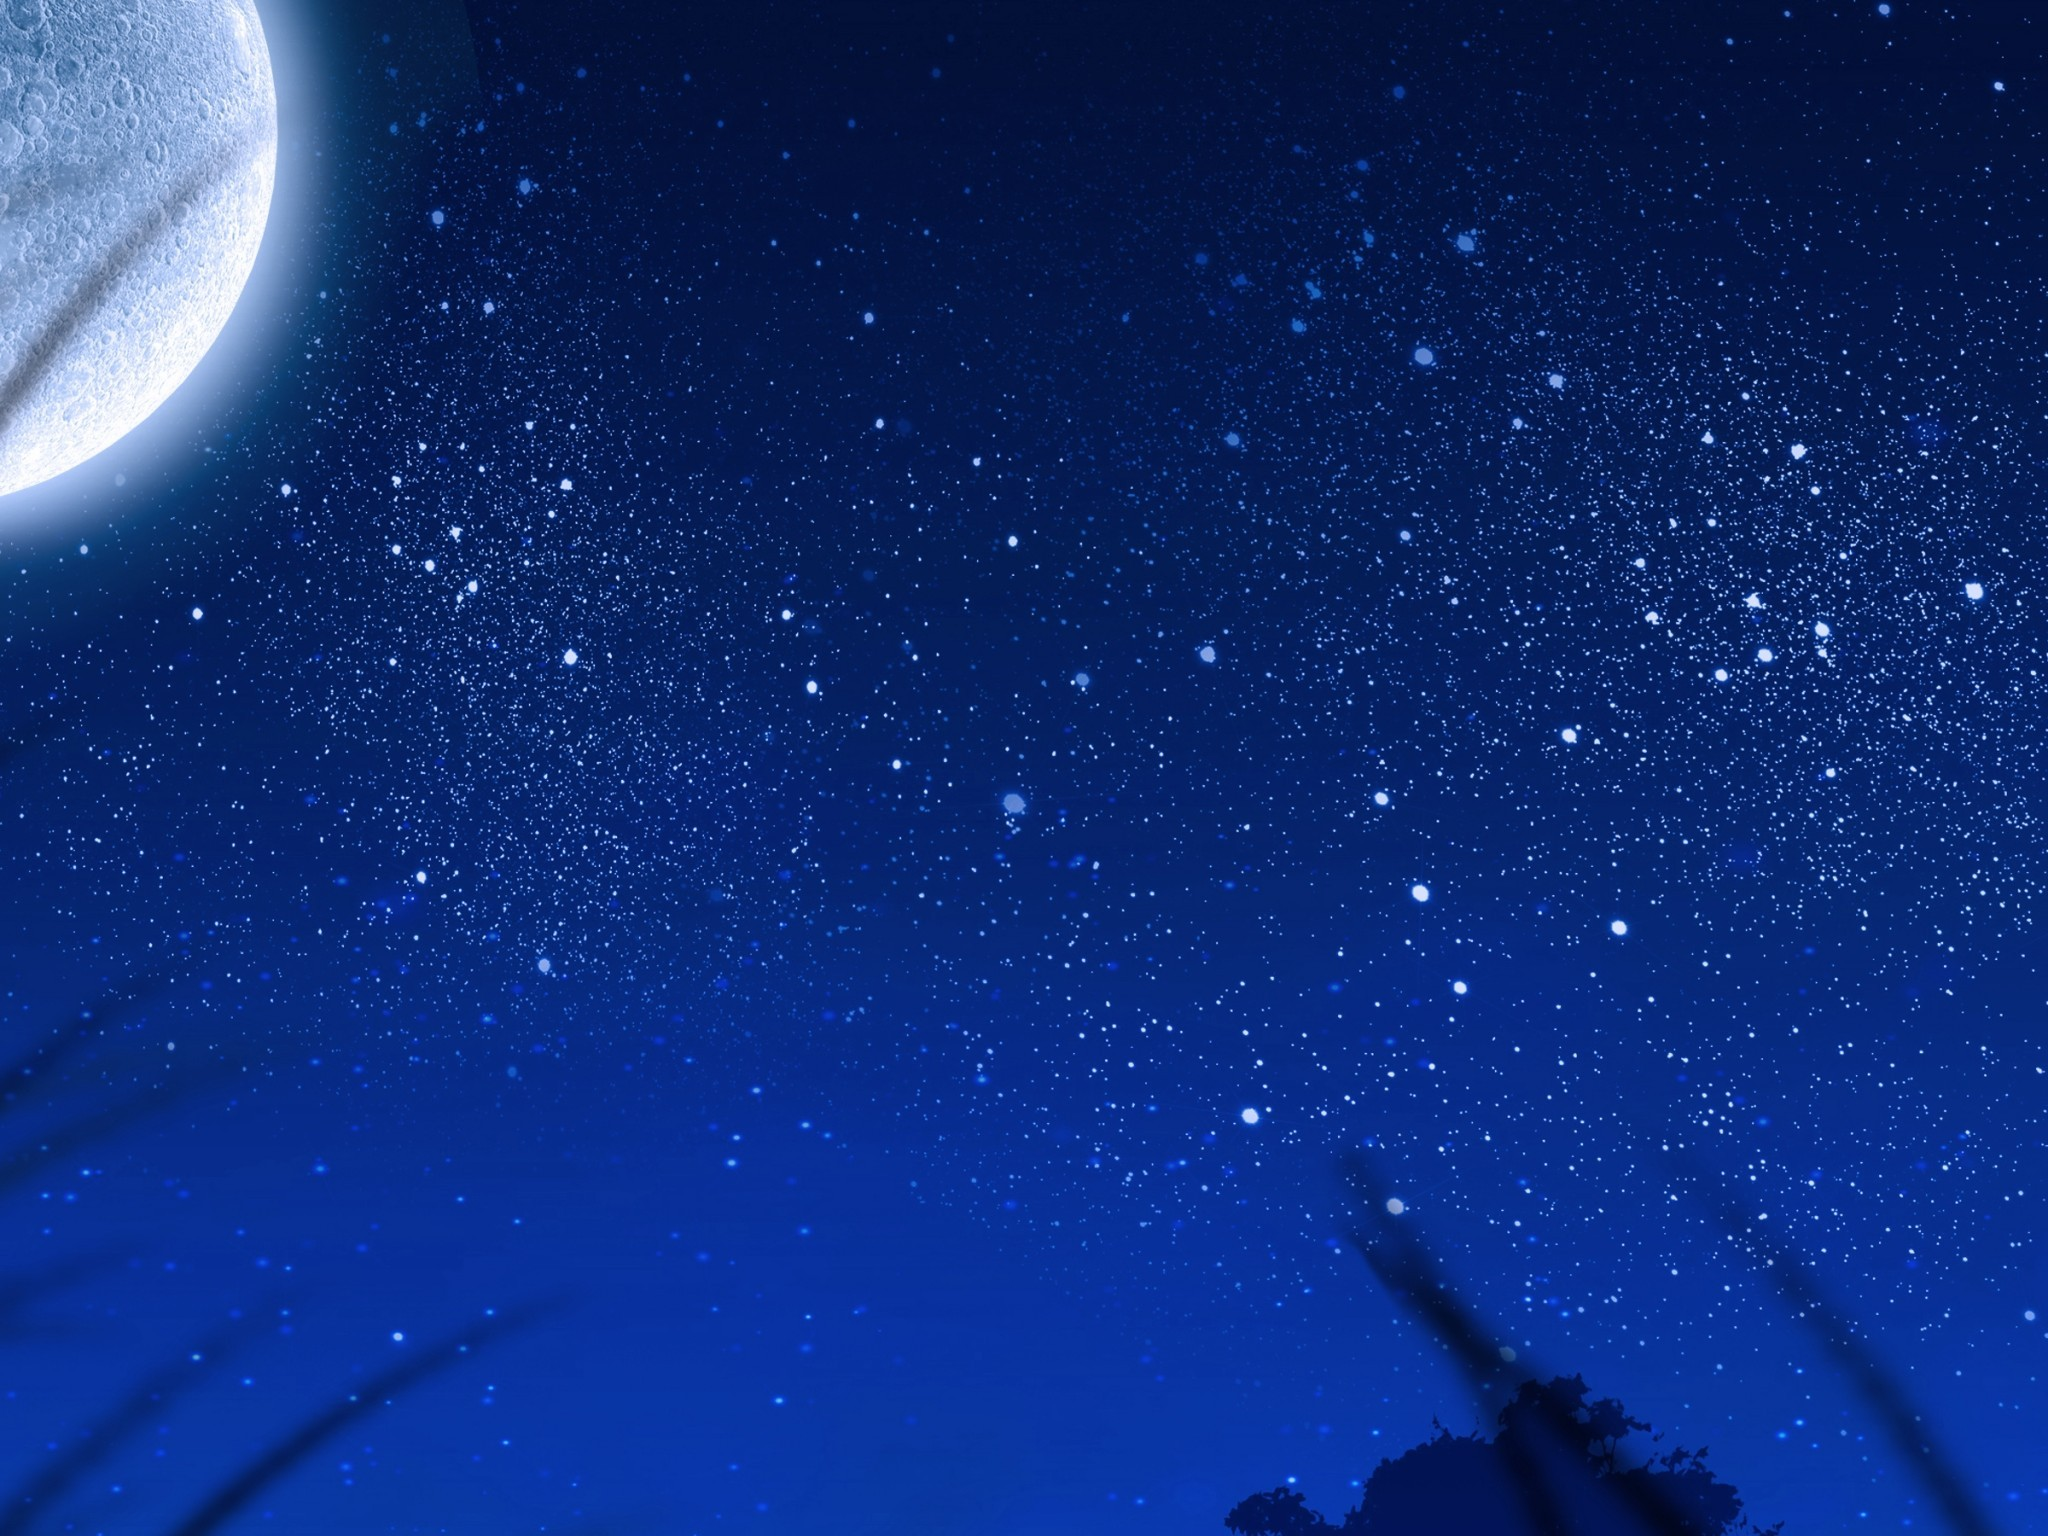 Big Moon Stars Plants Night Scenic Star 2048x1536 Wallpaper Teahub Io